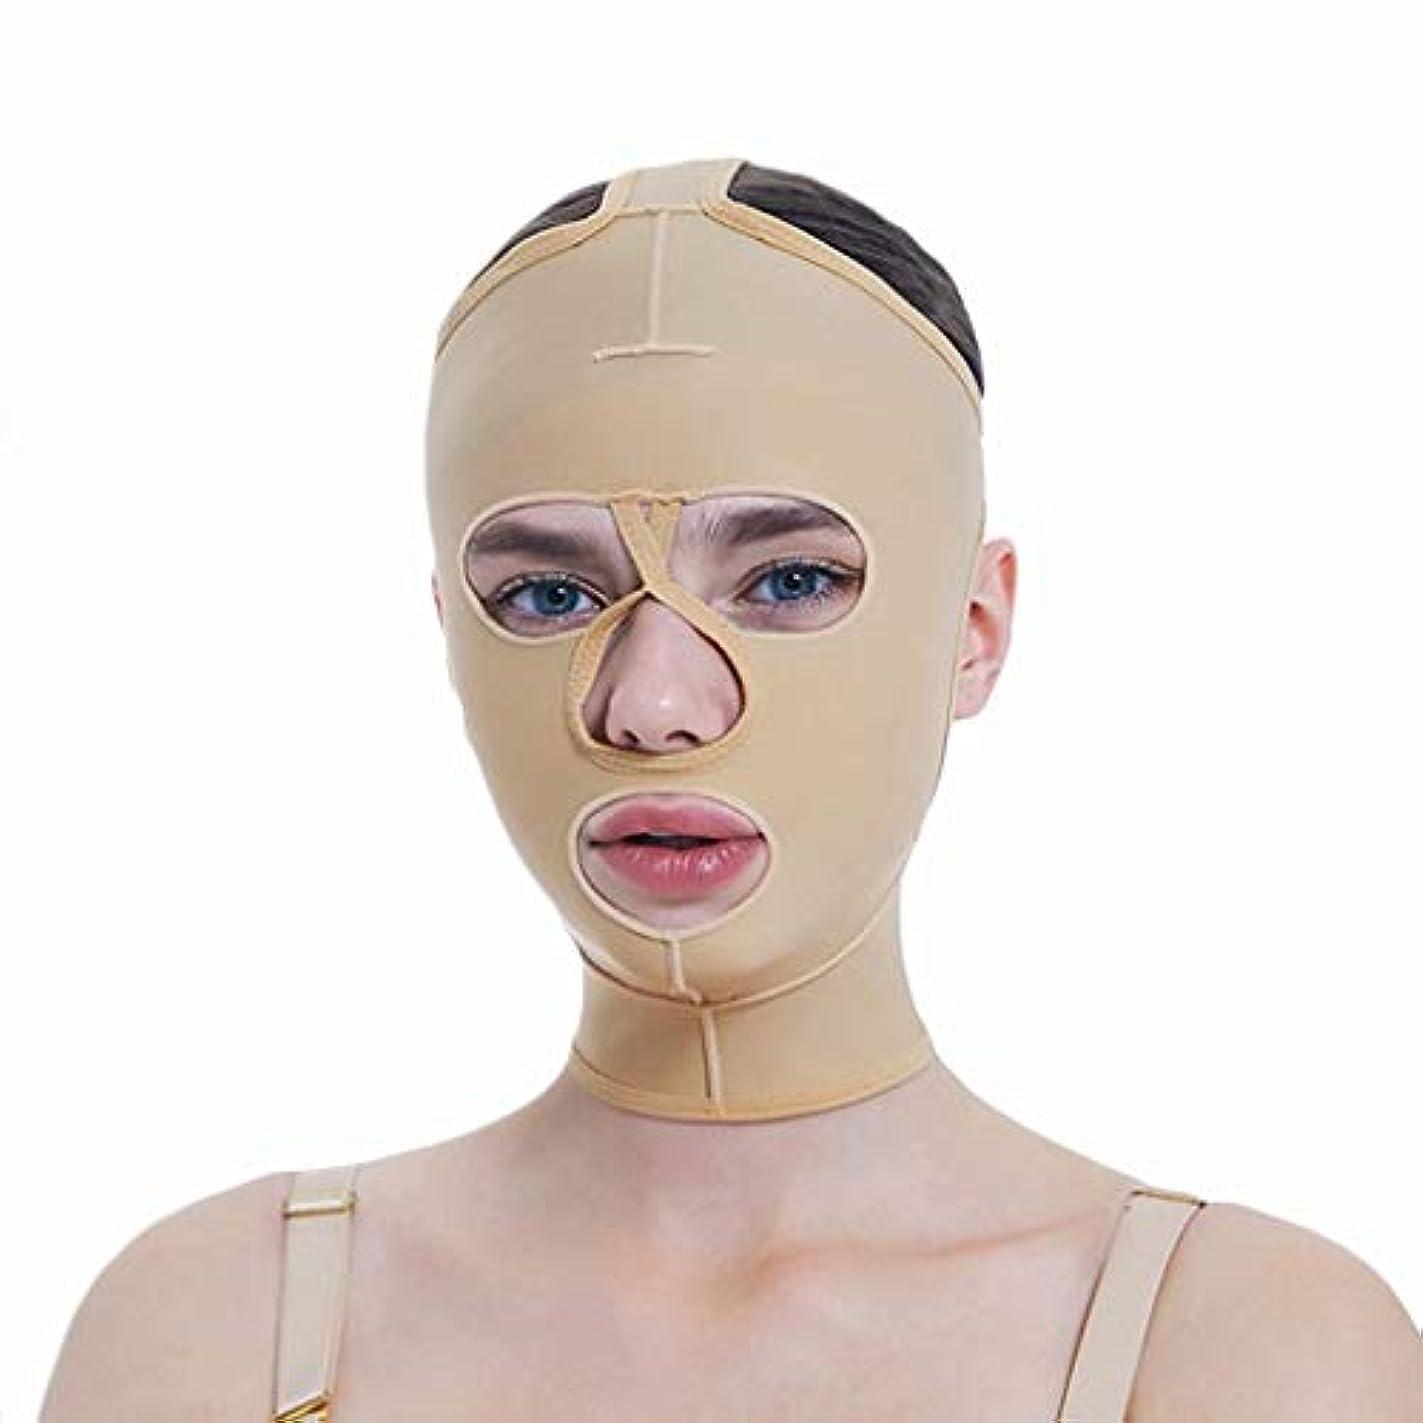 暗記する反逆者政権フェイシャル減量マスク、フルカバレッジ包帯、フルフェイスリフティングマスク、フェイスマスク、快適で リフティングシェーピング(サイズ:S),XXL